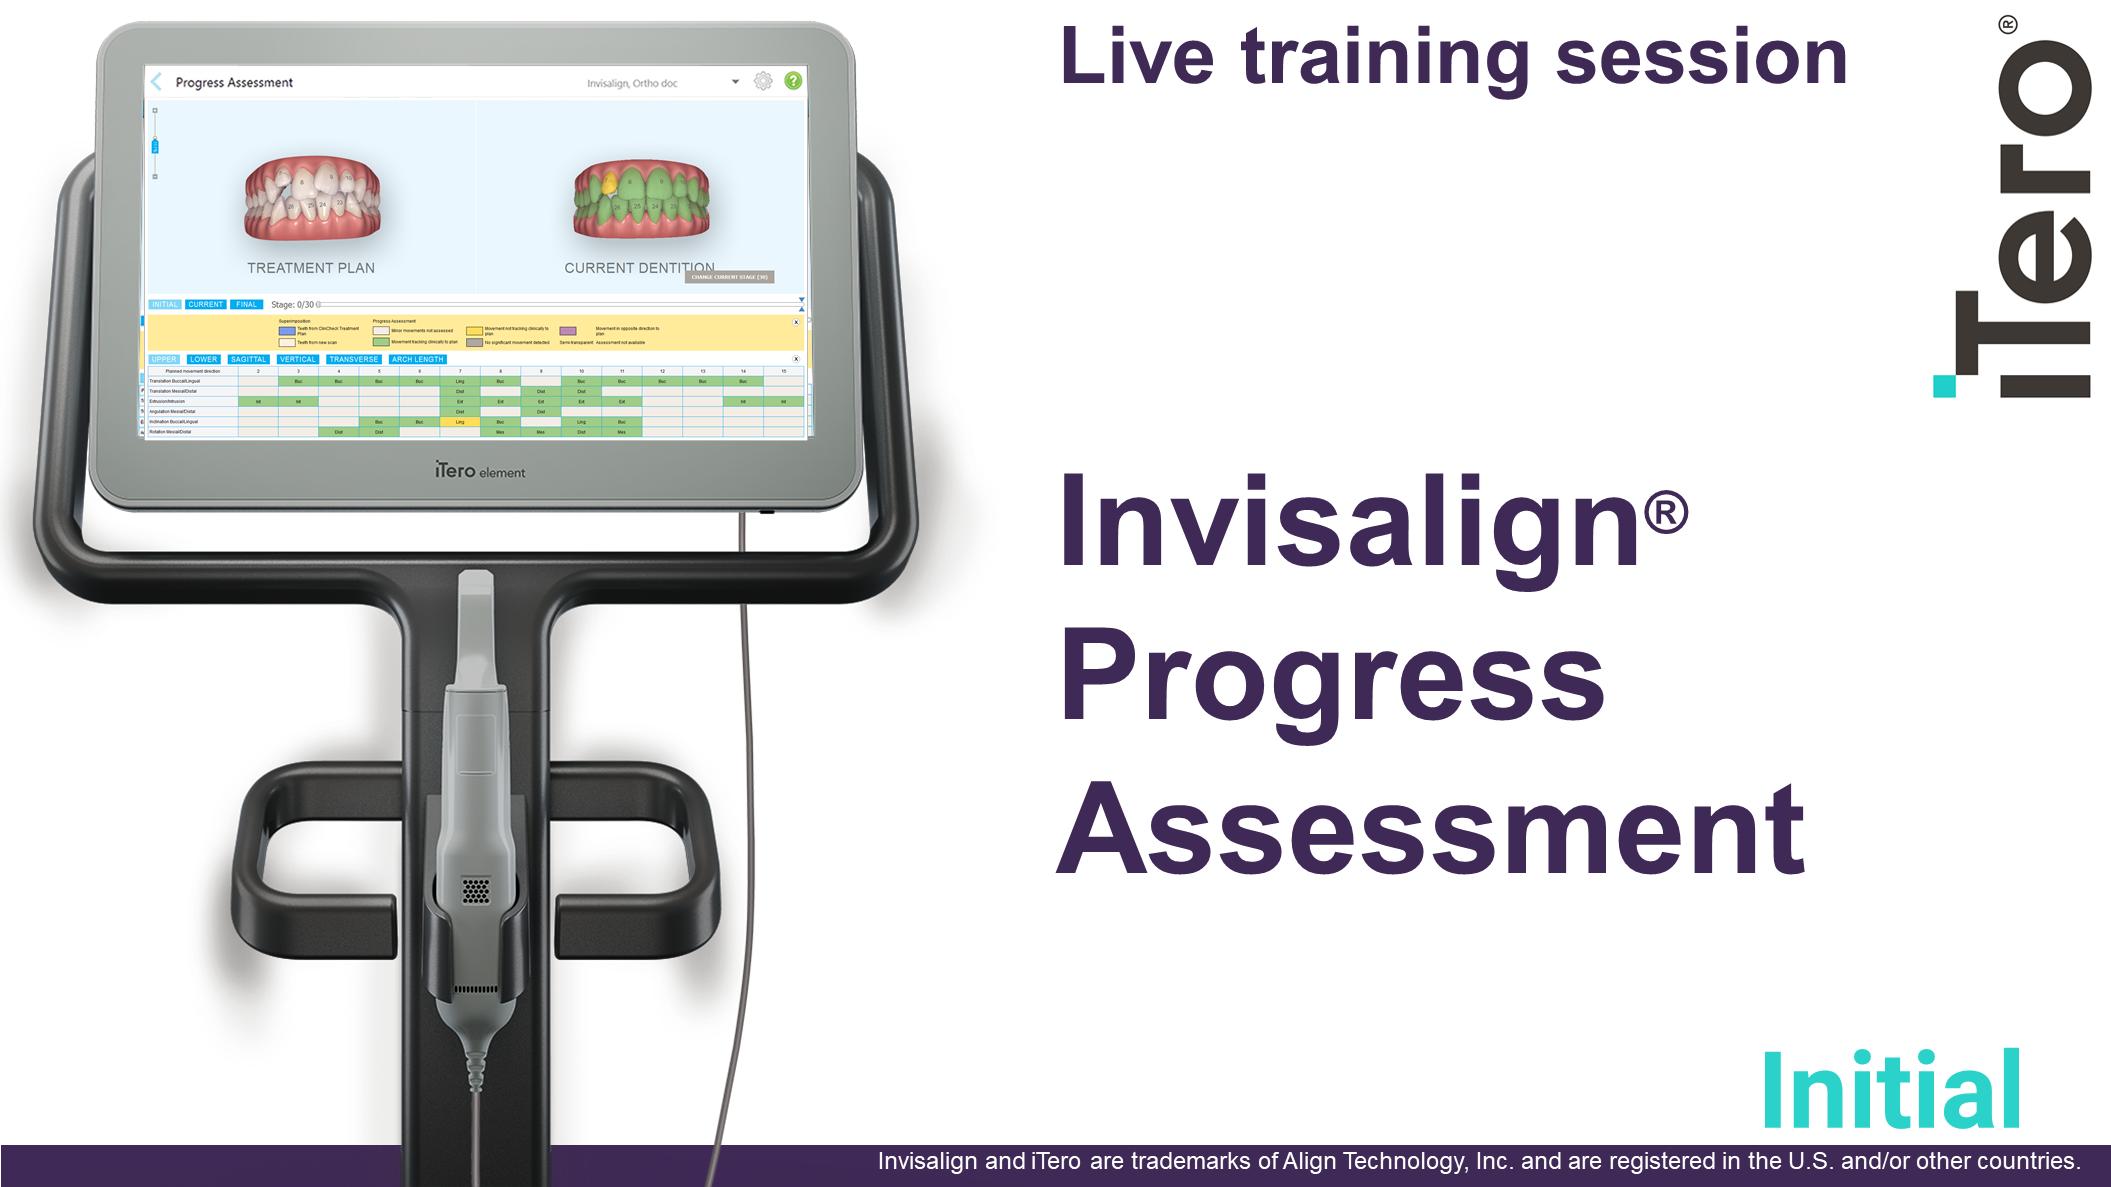 Invisalign Progress Assessment 12pmPDT(1pm MT/2pm CT/3pm ET)